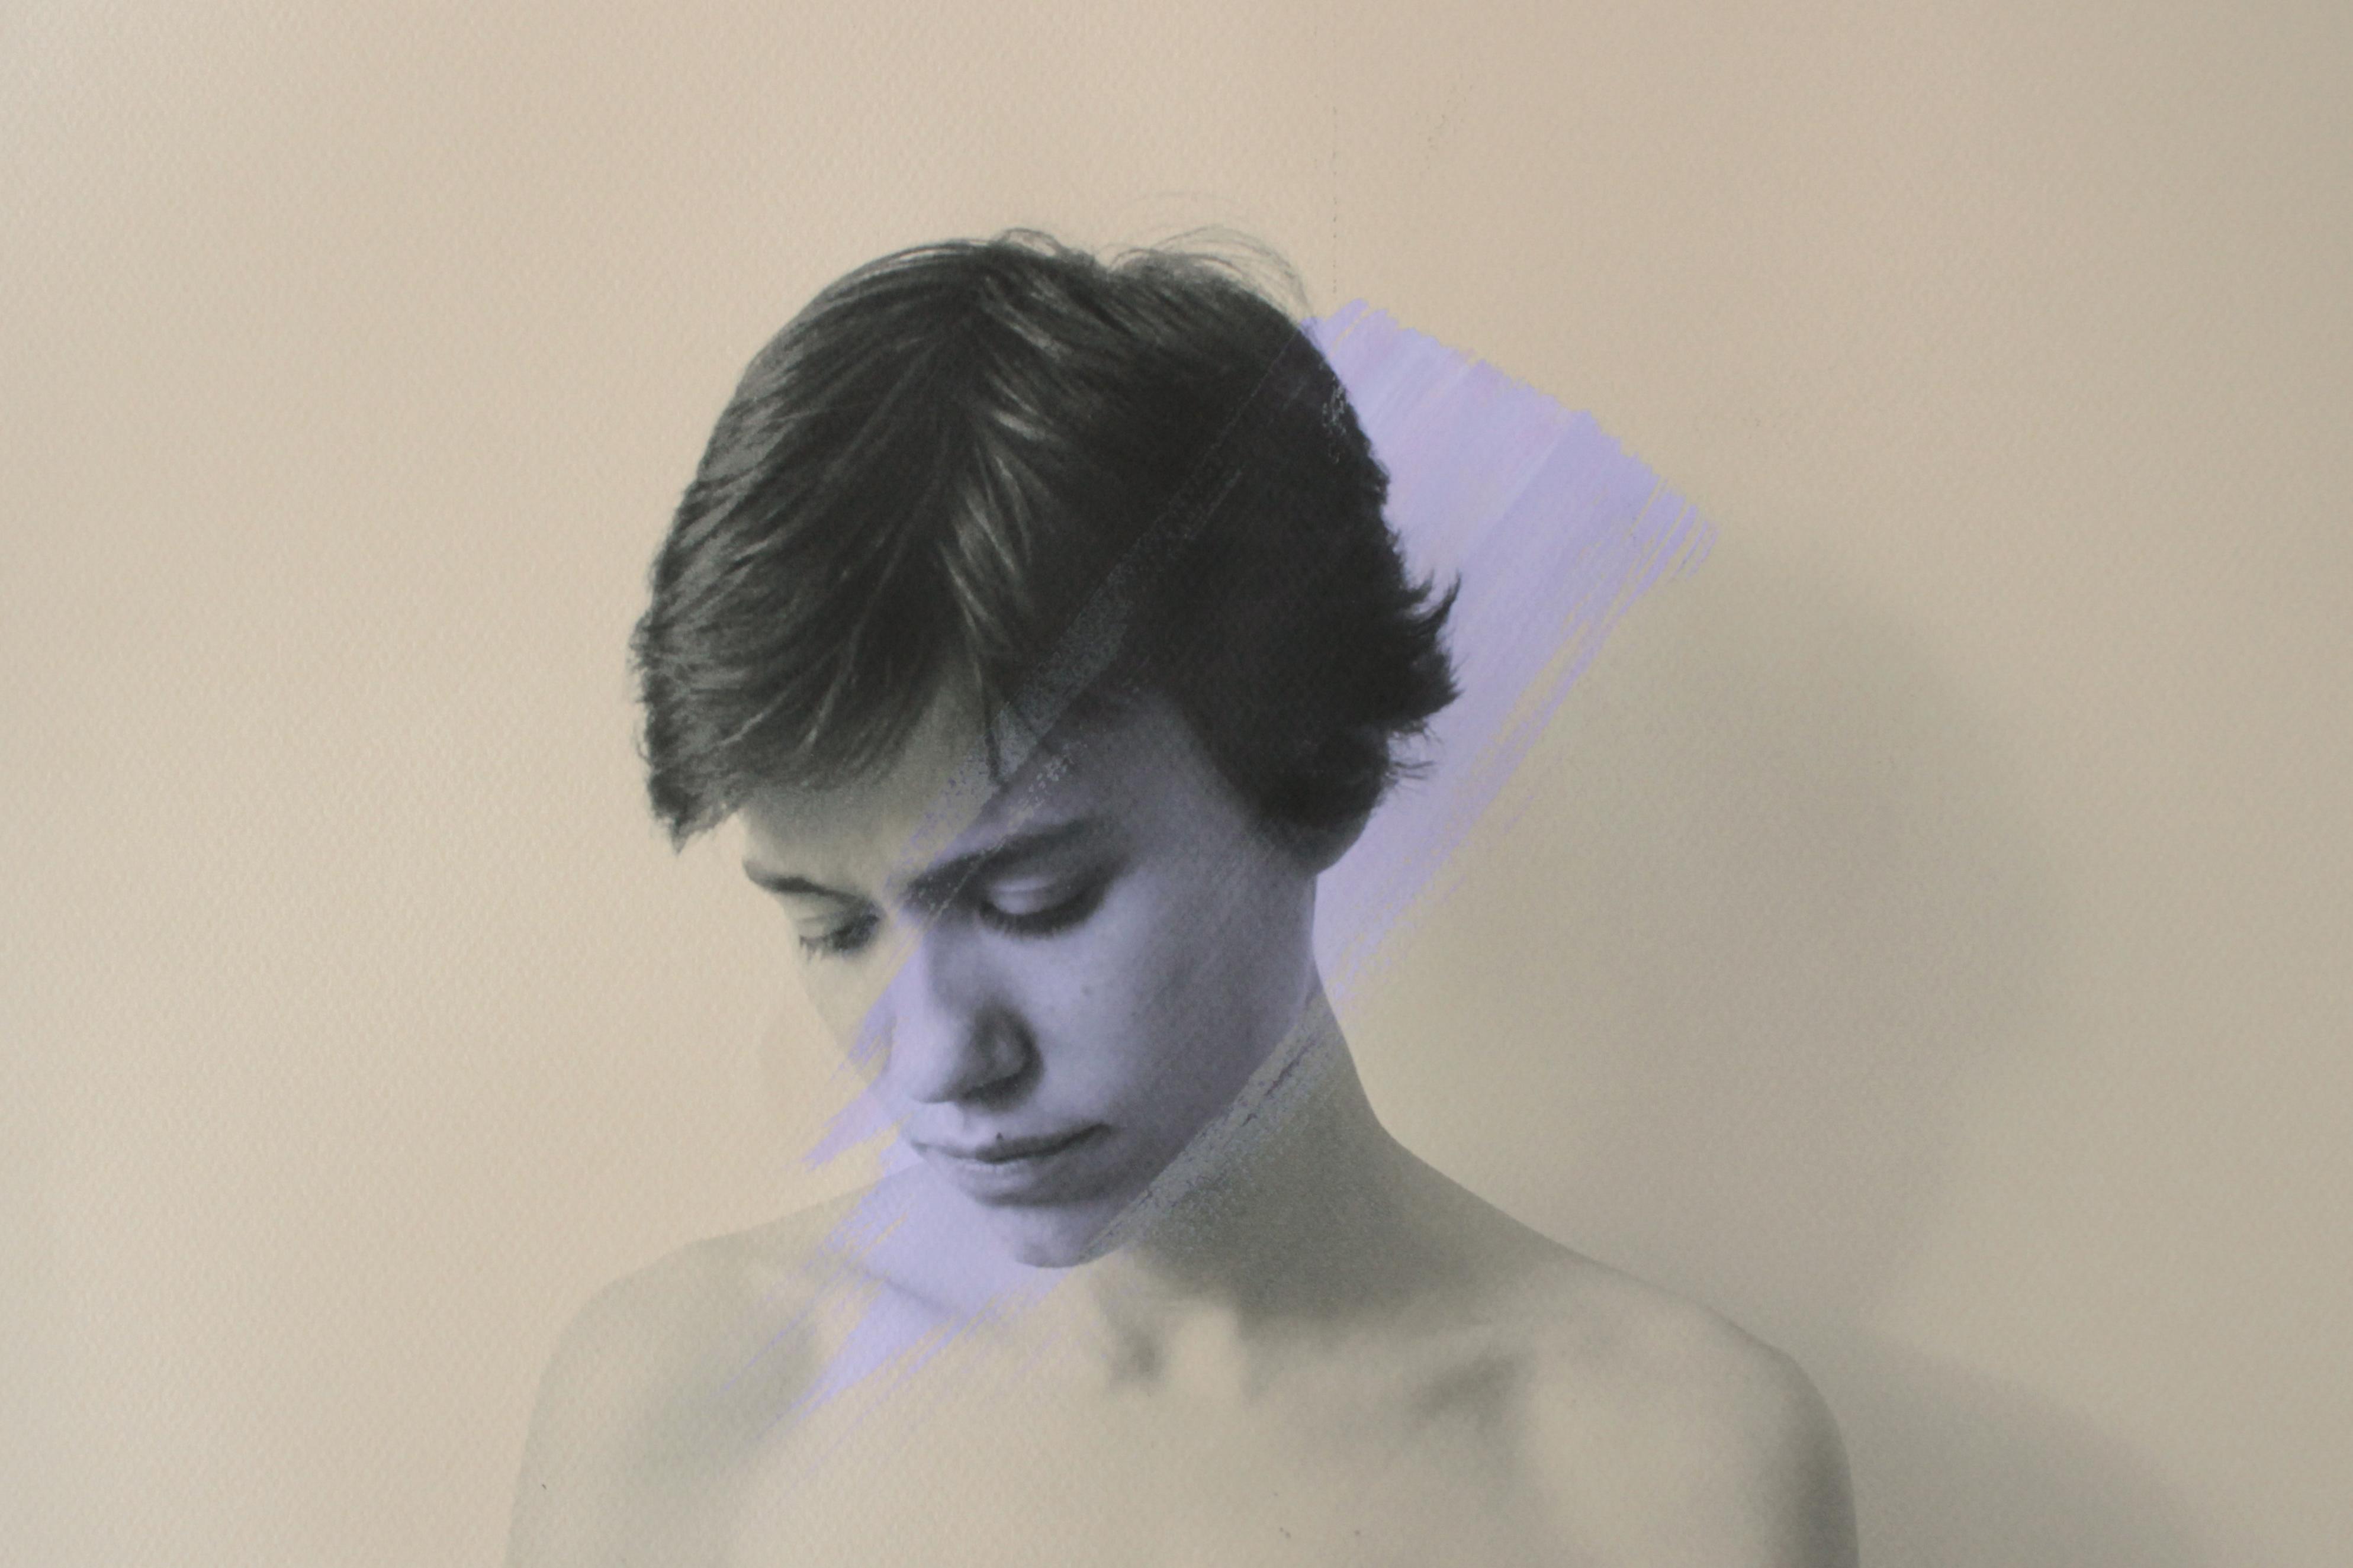 Clara Duran_El vapor nace en el silencio_4